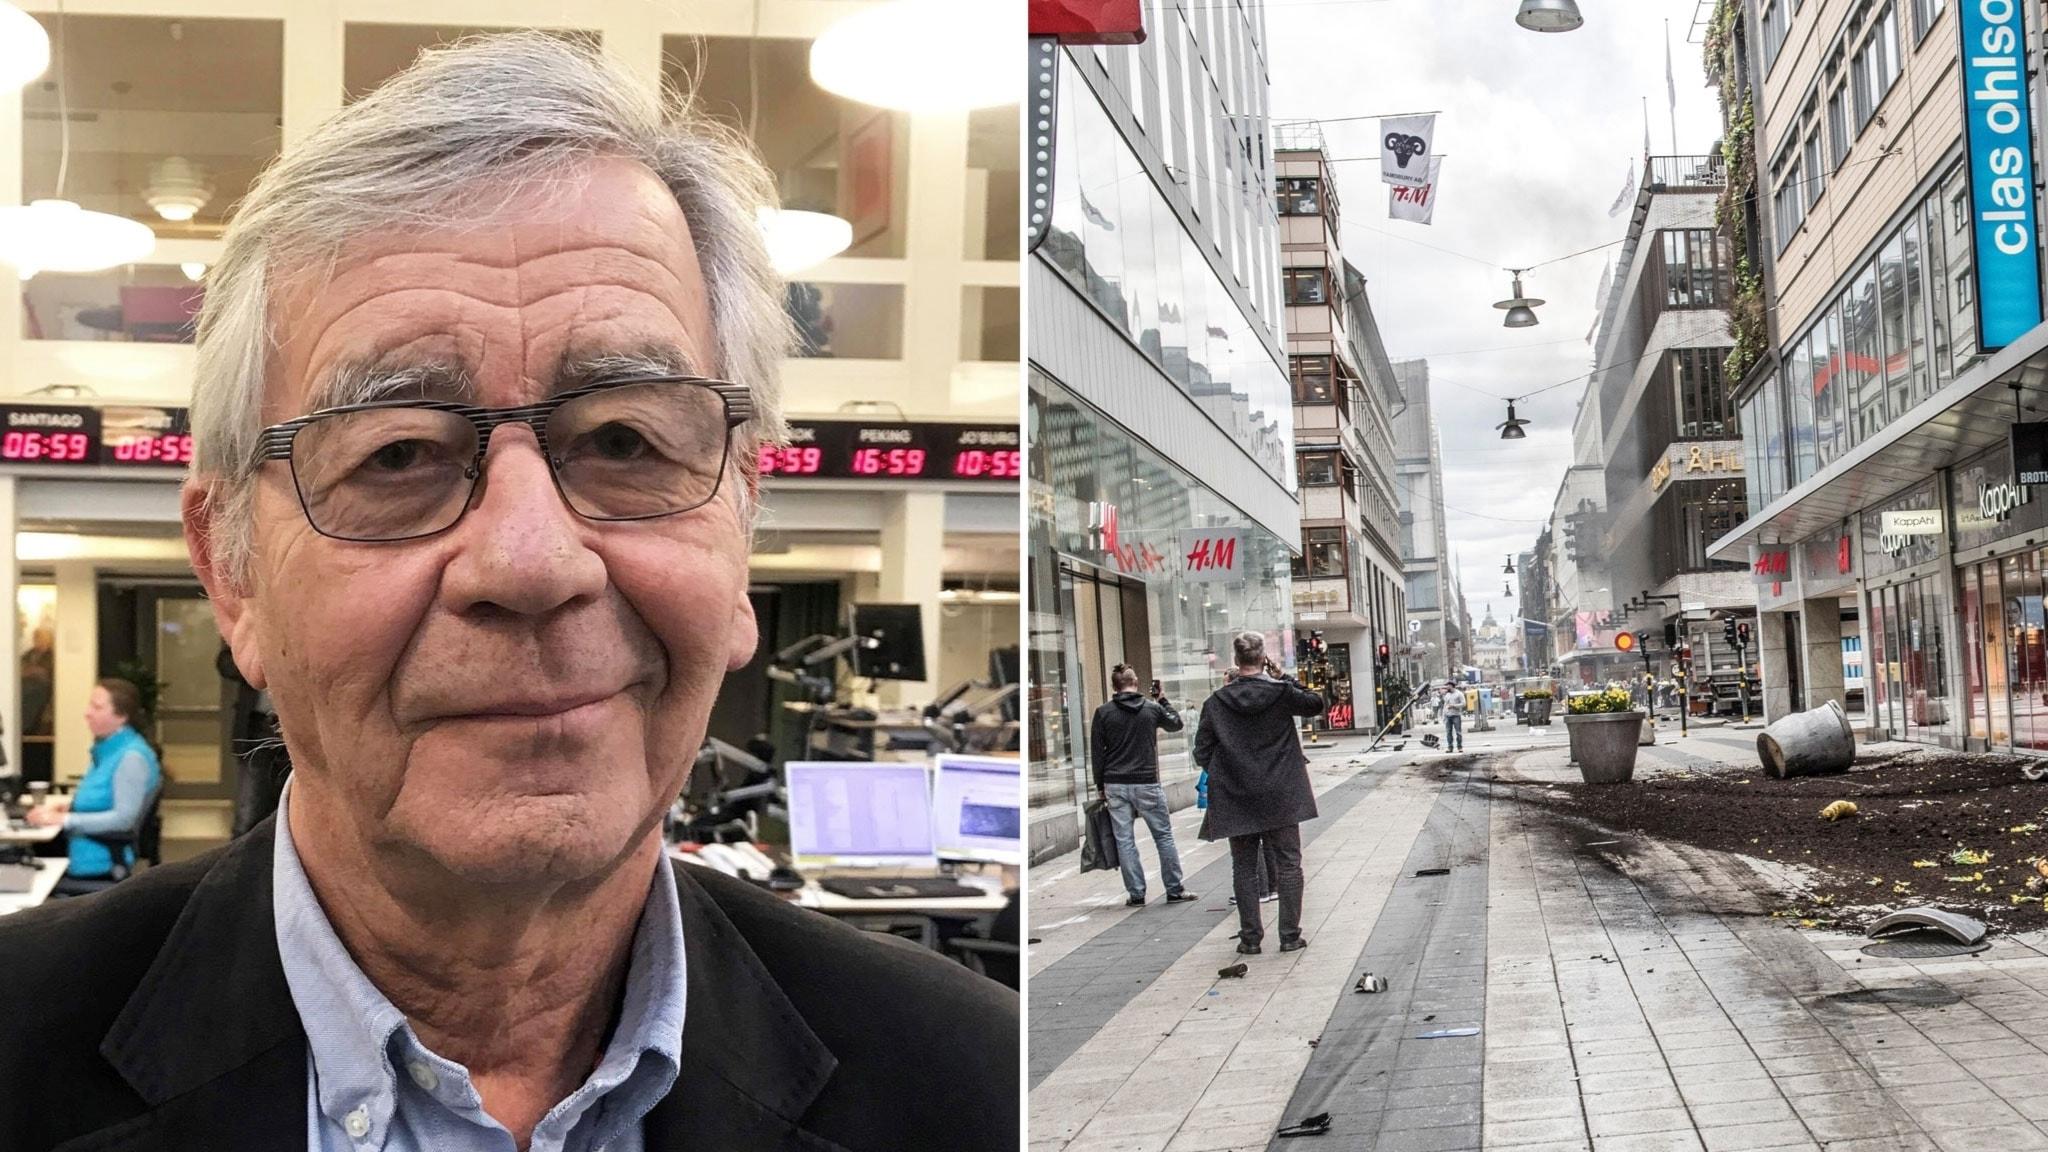 Sveriges Radios juridiska expert Peter Althin. Till höger: Drottninggatan i Stockholm efter lastbilsattacken.